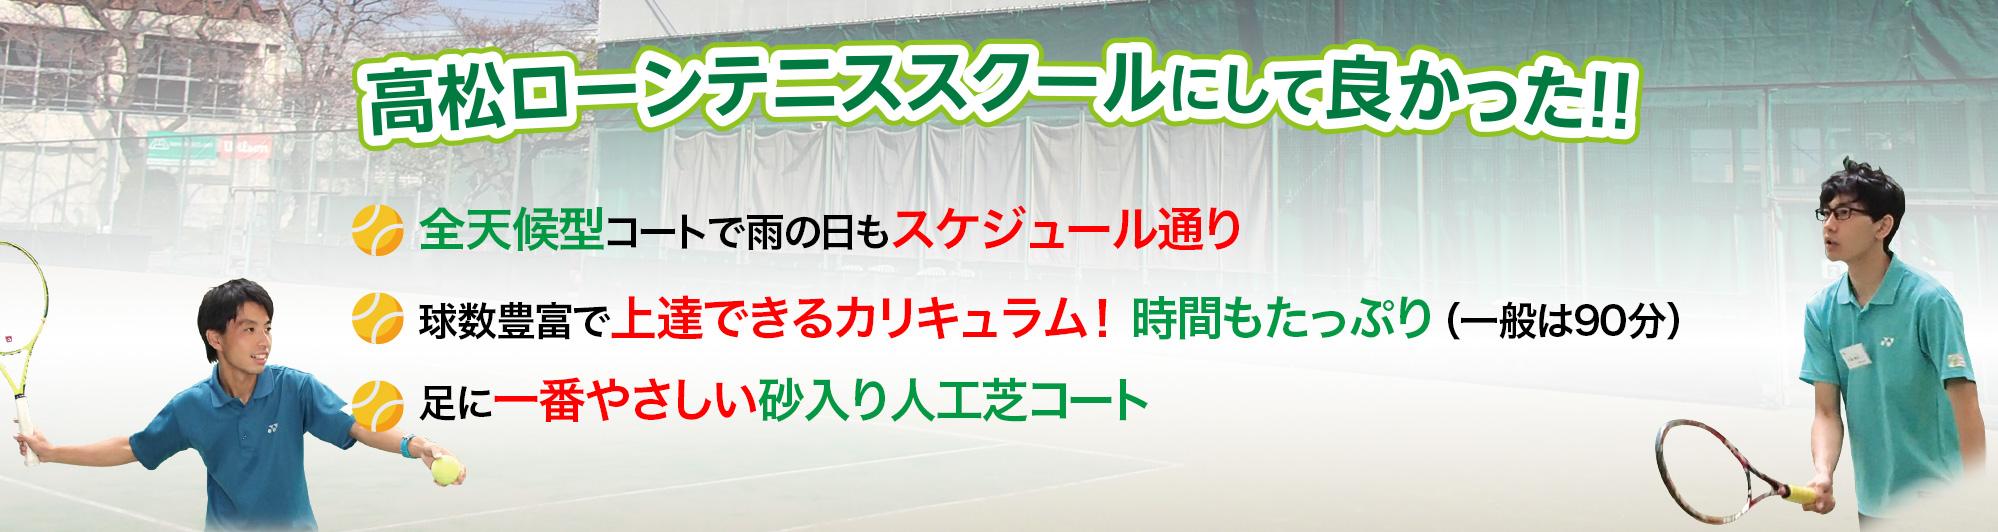 高松ローンテニスクラブの特徴